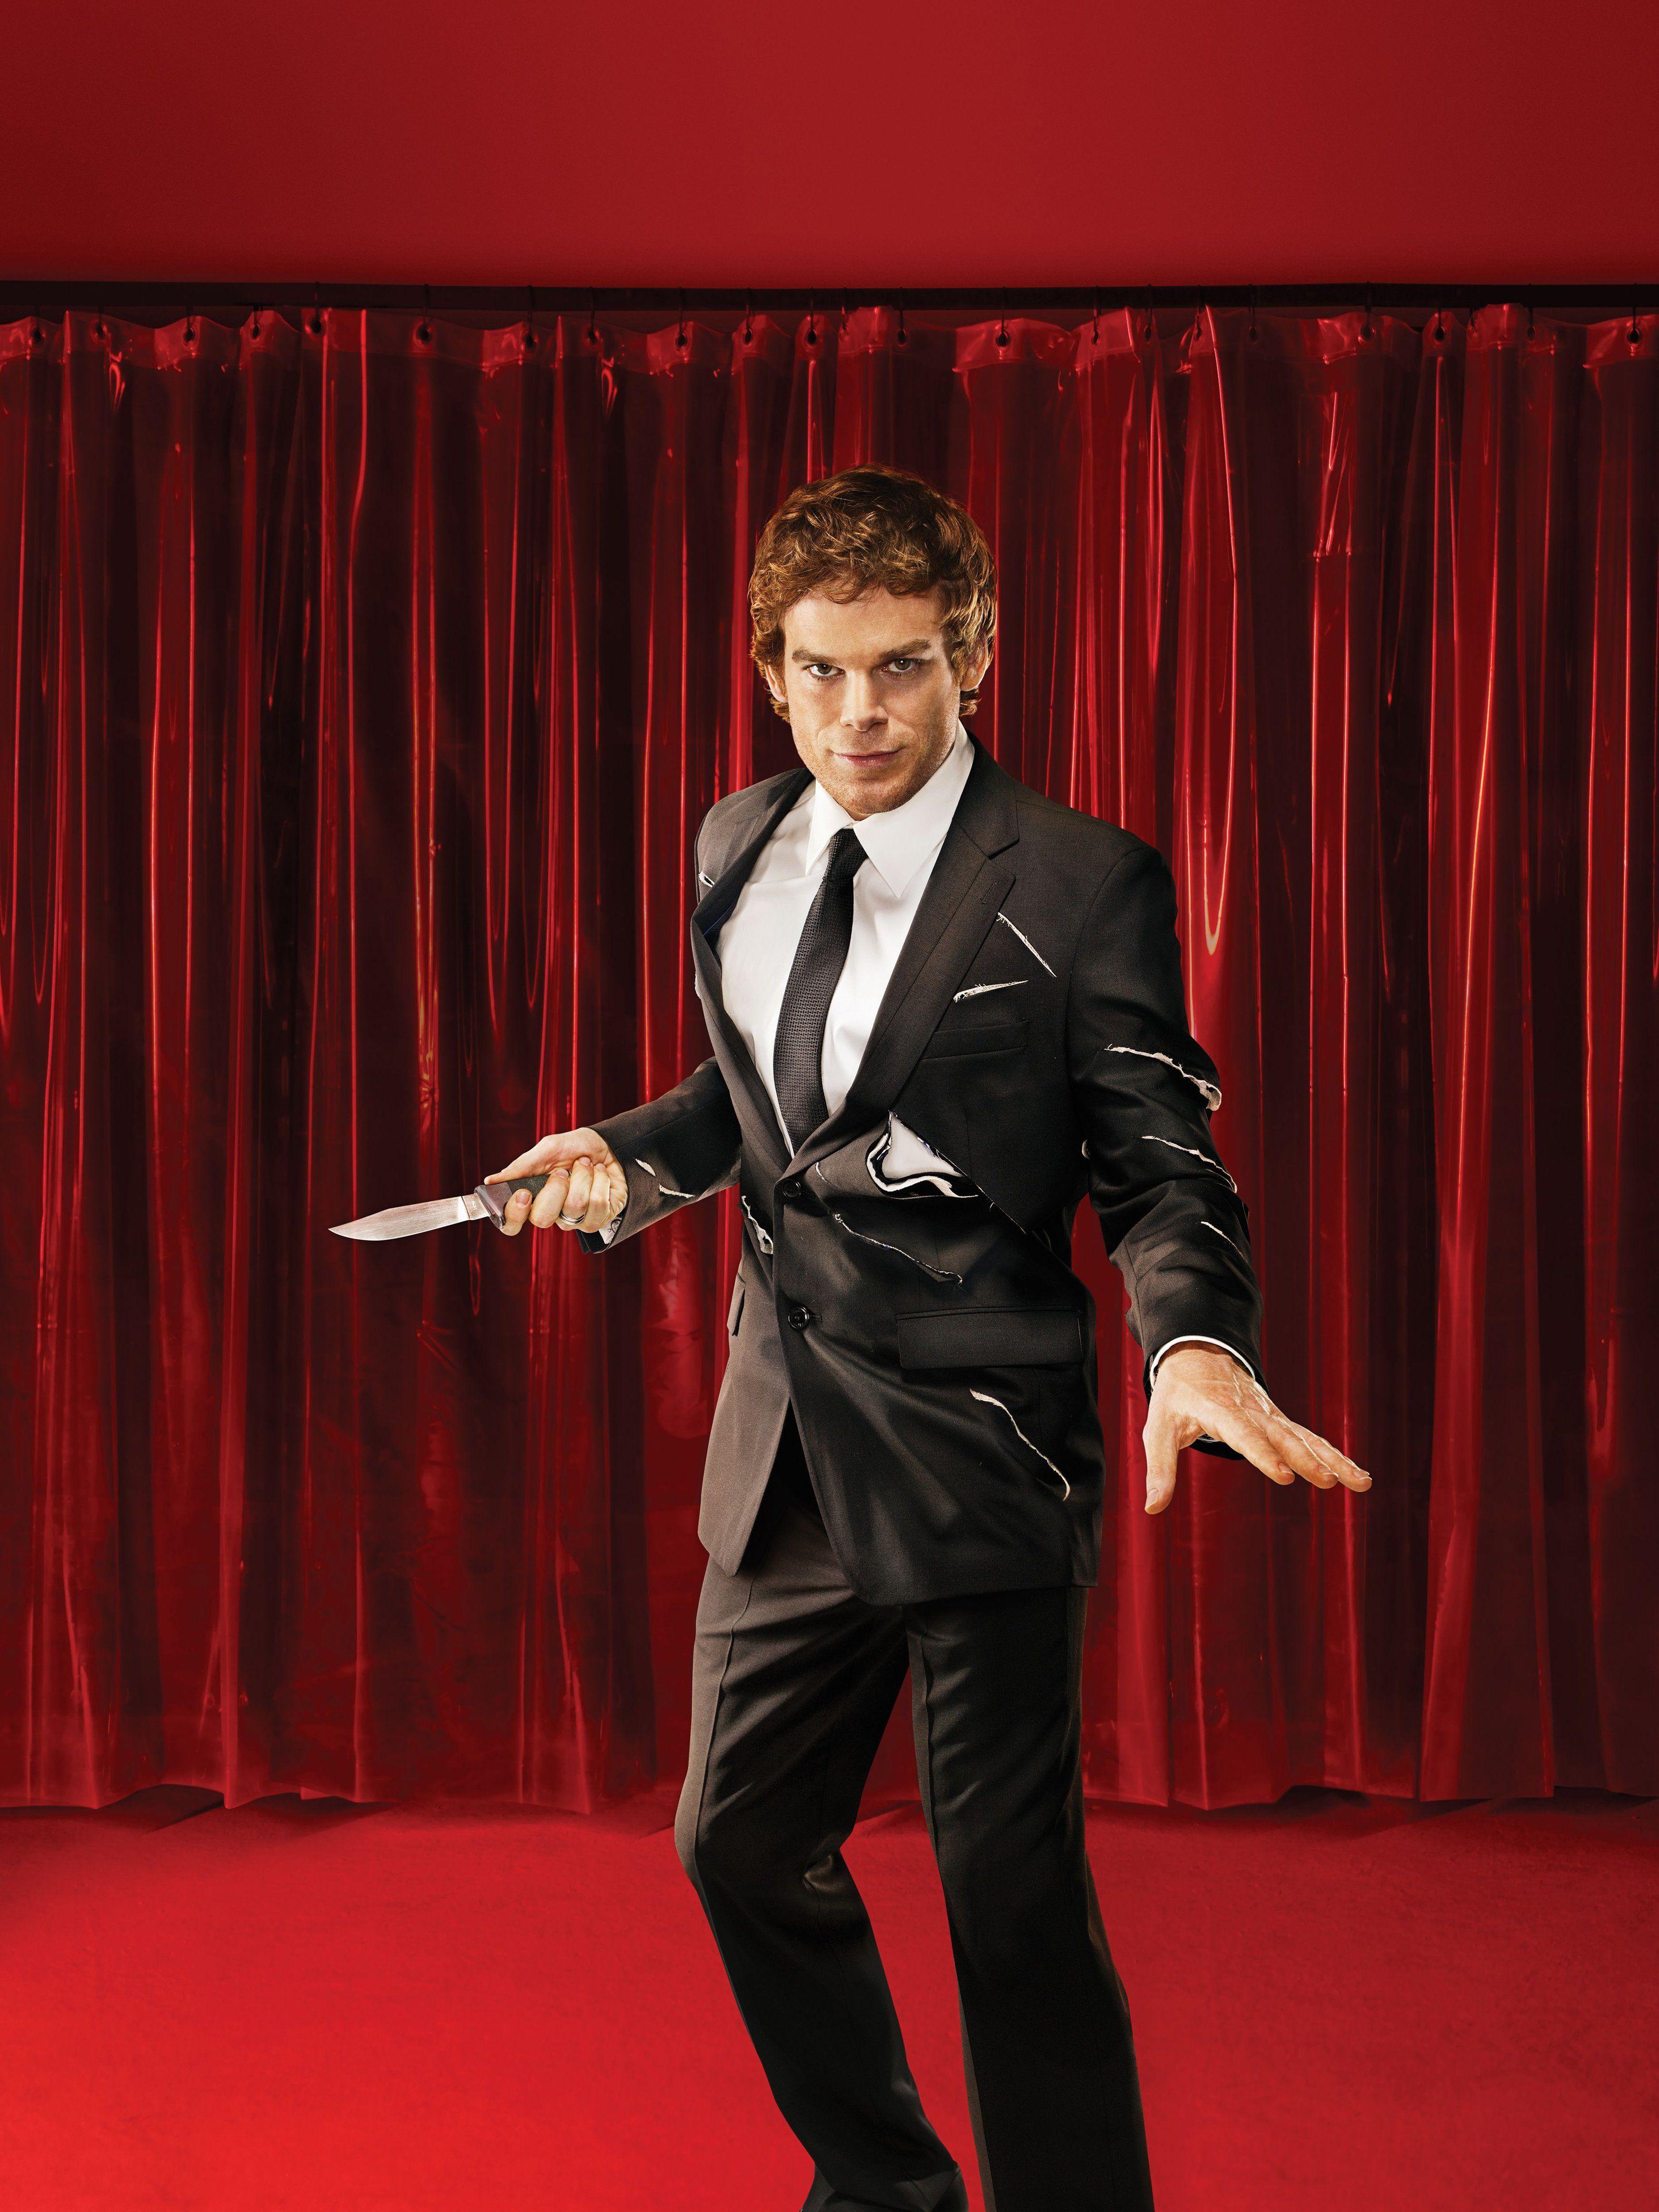 Dexter Promos Season 3 Hq Celebrity Pictures Your Favorite Source For Hq Photos Dexter Michael C Hall Dexter Morgan